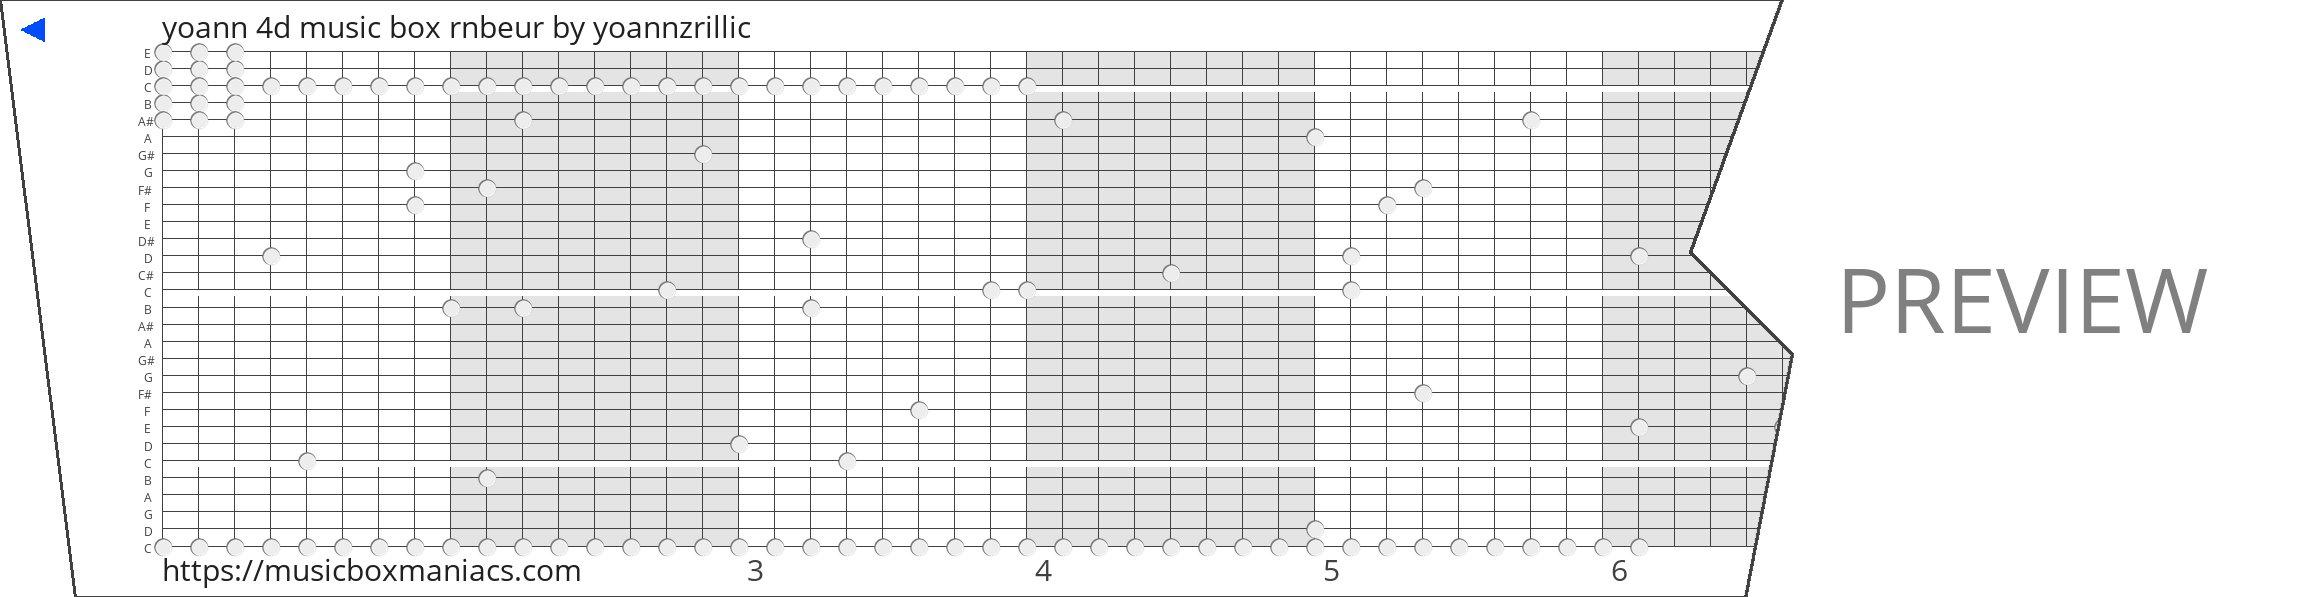 yoann 4d music box rnbeur 30 note music box paper strip